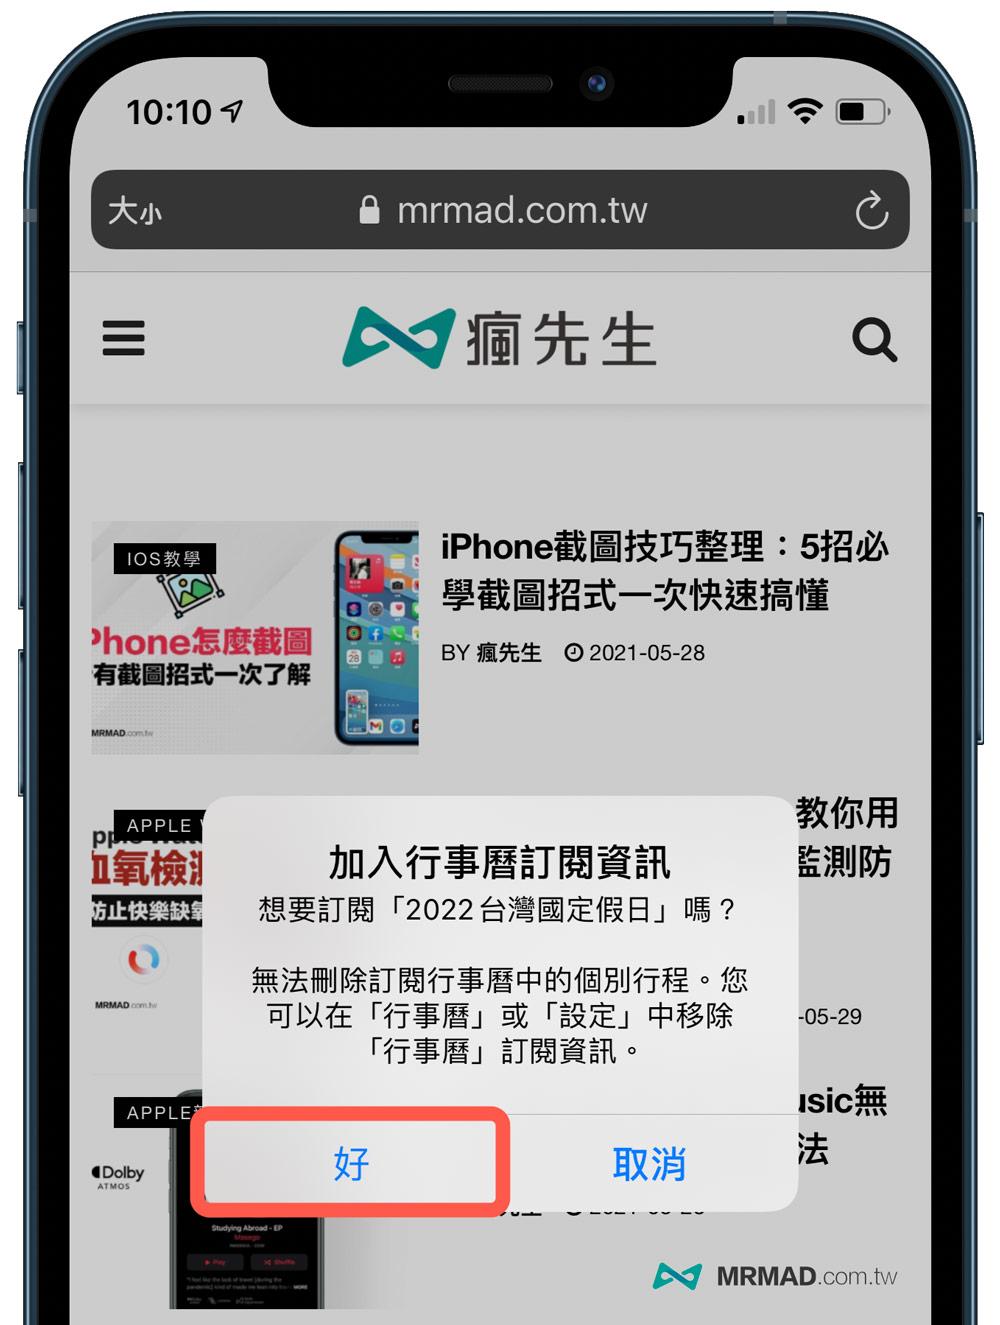 iOS 訂閱2022年國定假日教學